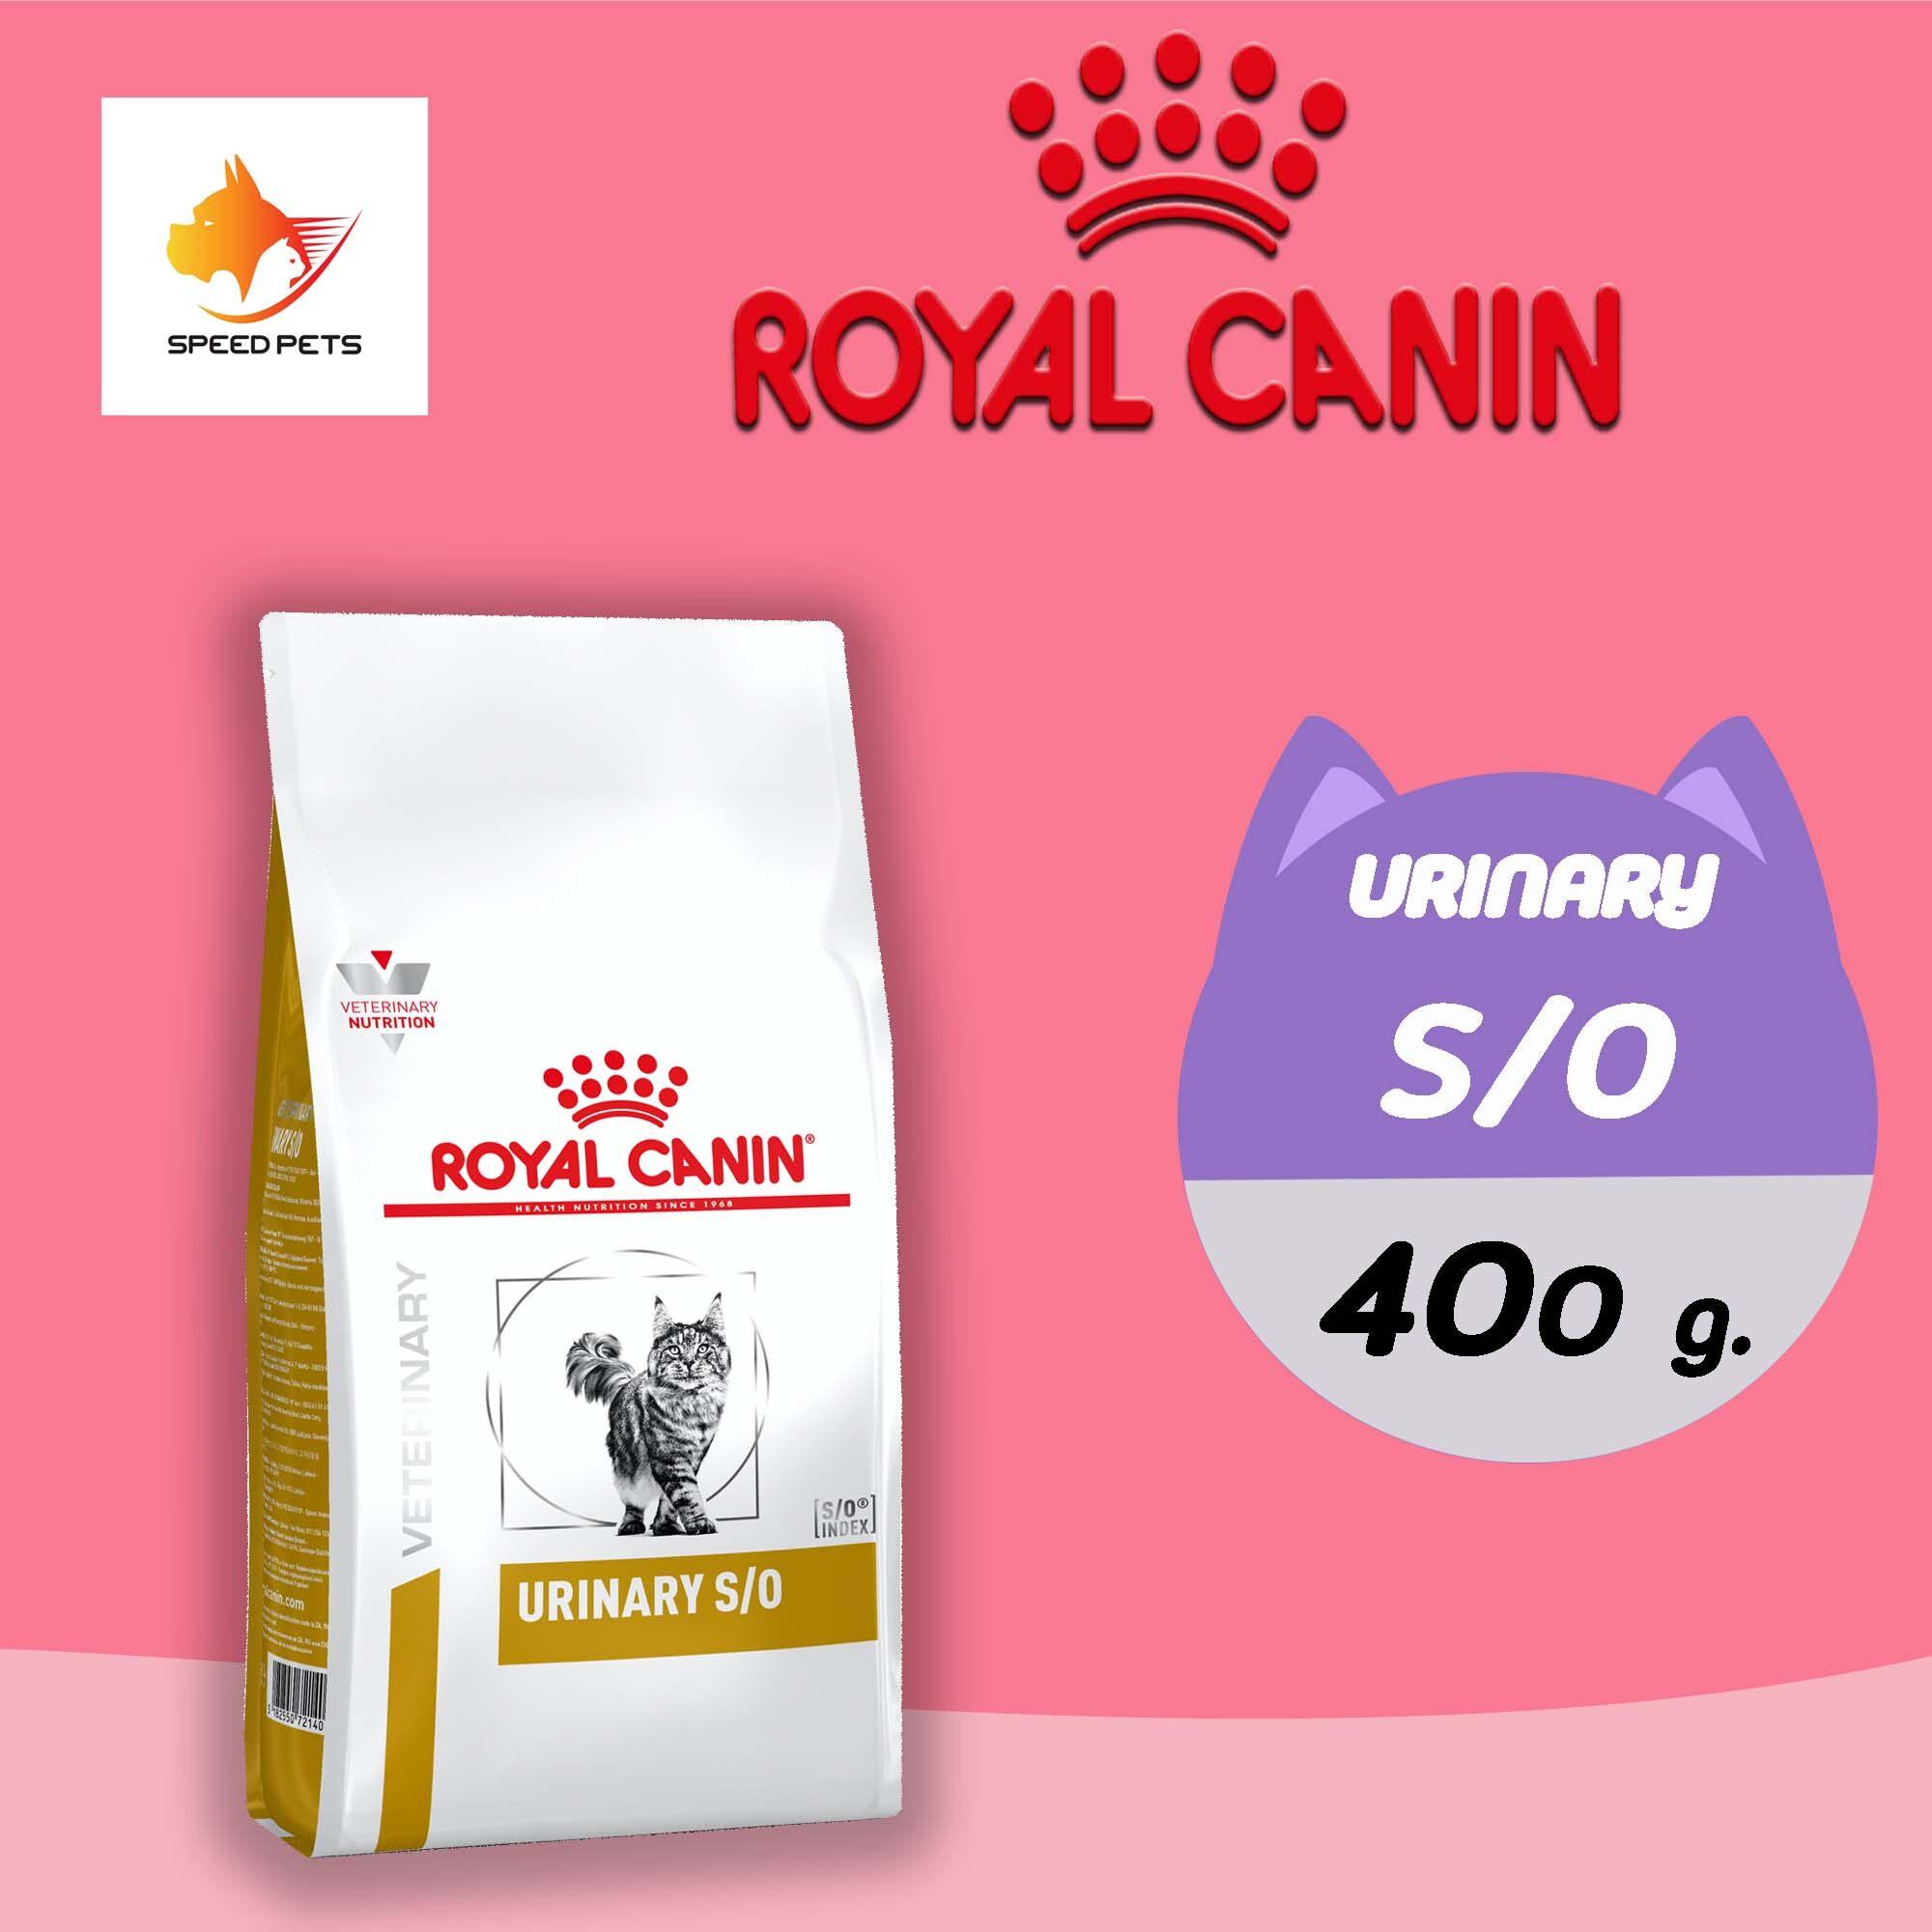 Royal Canin Urinary S/o Dry Cat Food Feline อาหารแมว โรคนิ่ว กระเพาะปัสสาวะ สะลายนิ่ว ป้องกันนิ่ว 400 กรัม ( ถุงสีขาว ).